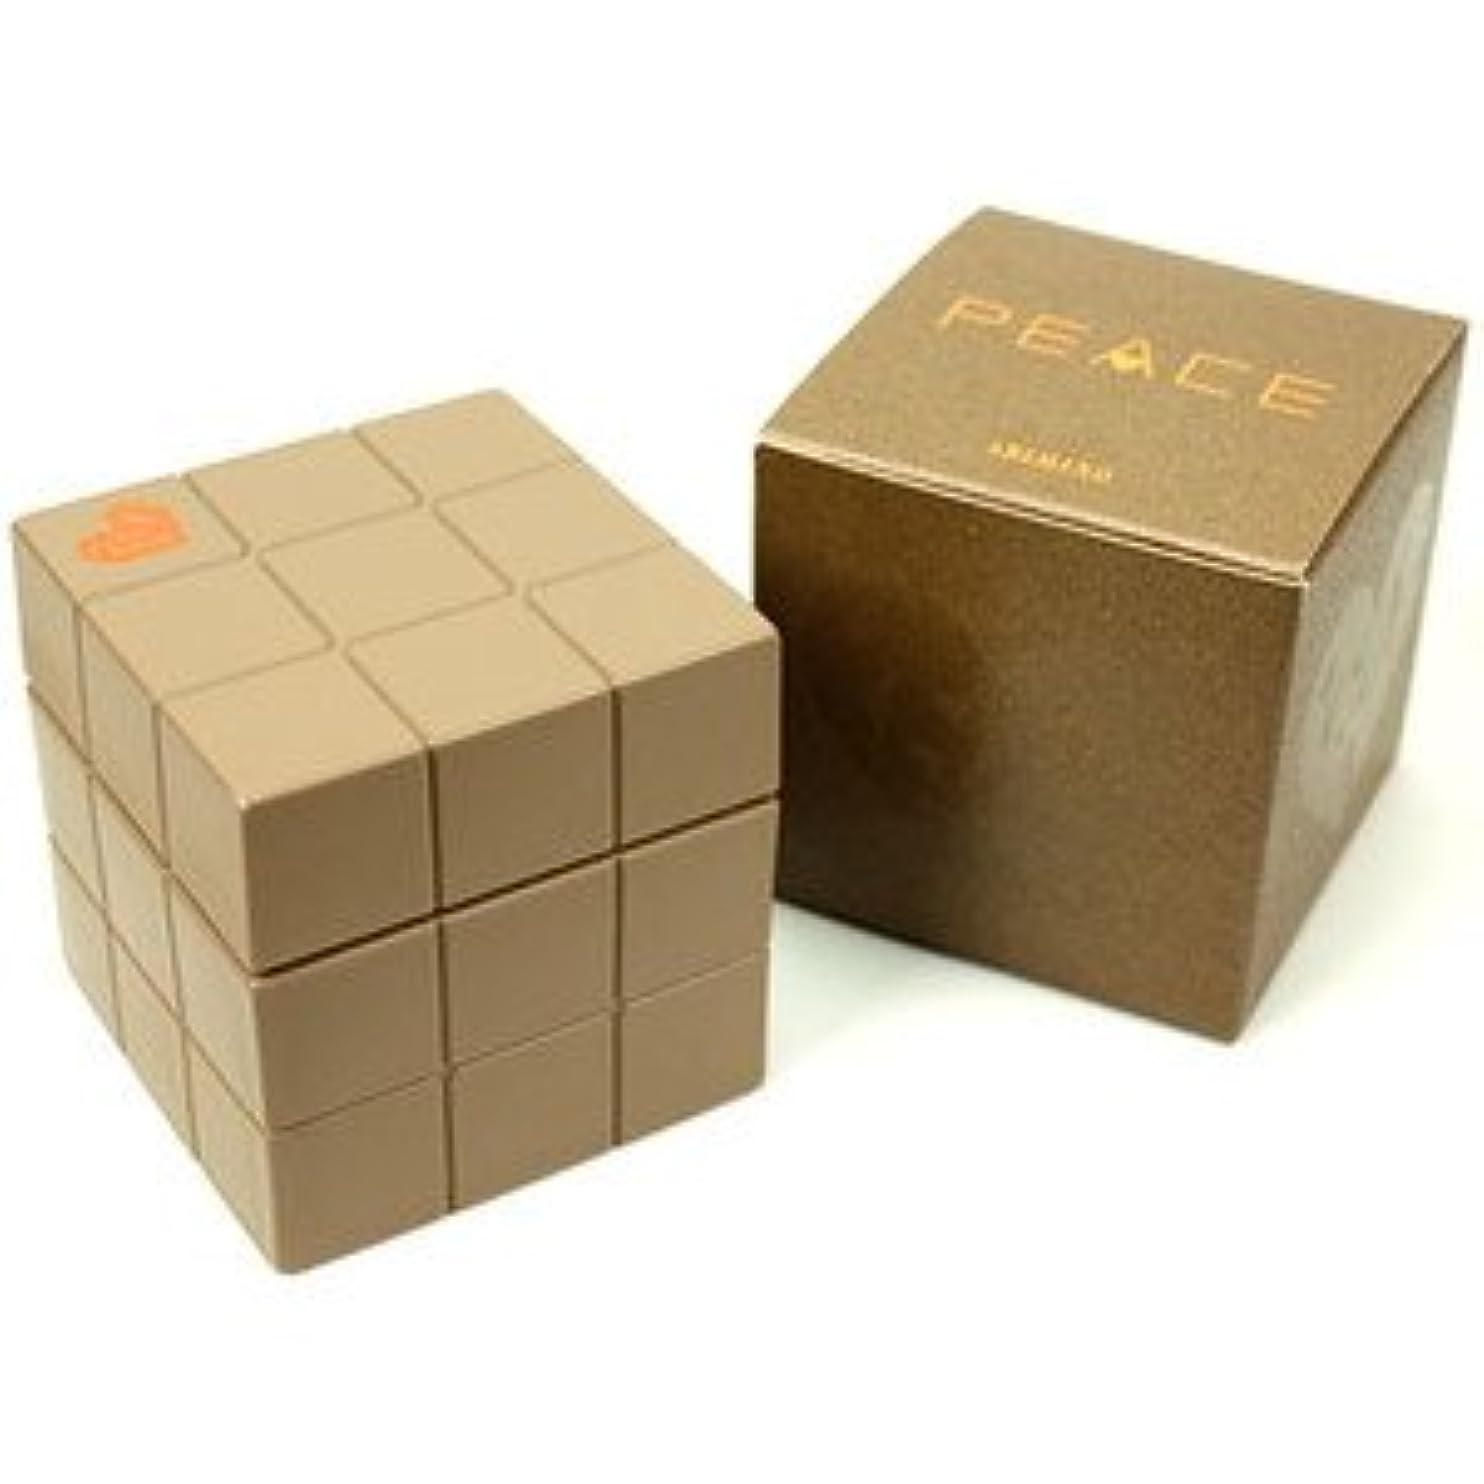 鎖漏れ未払いアリミノ ピース ソフト wax (カフェオレ) 80g